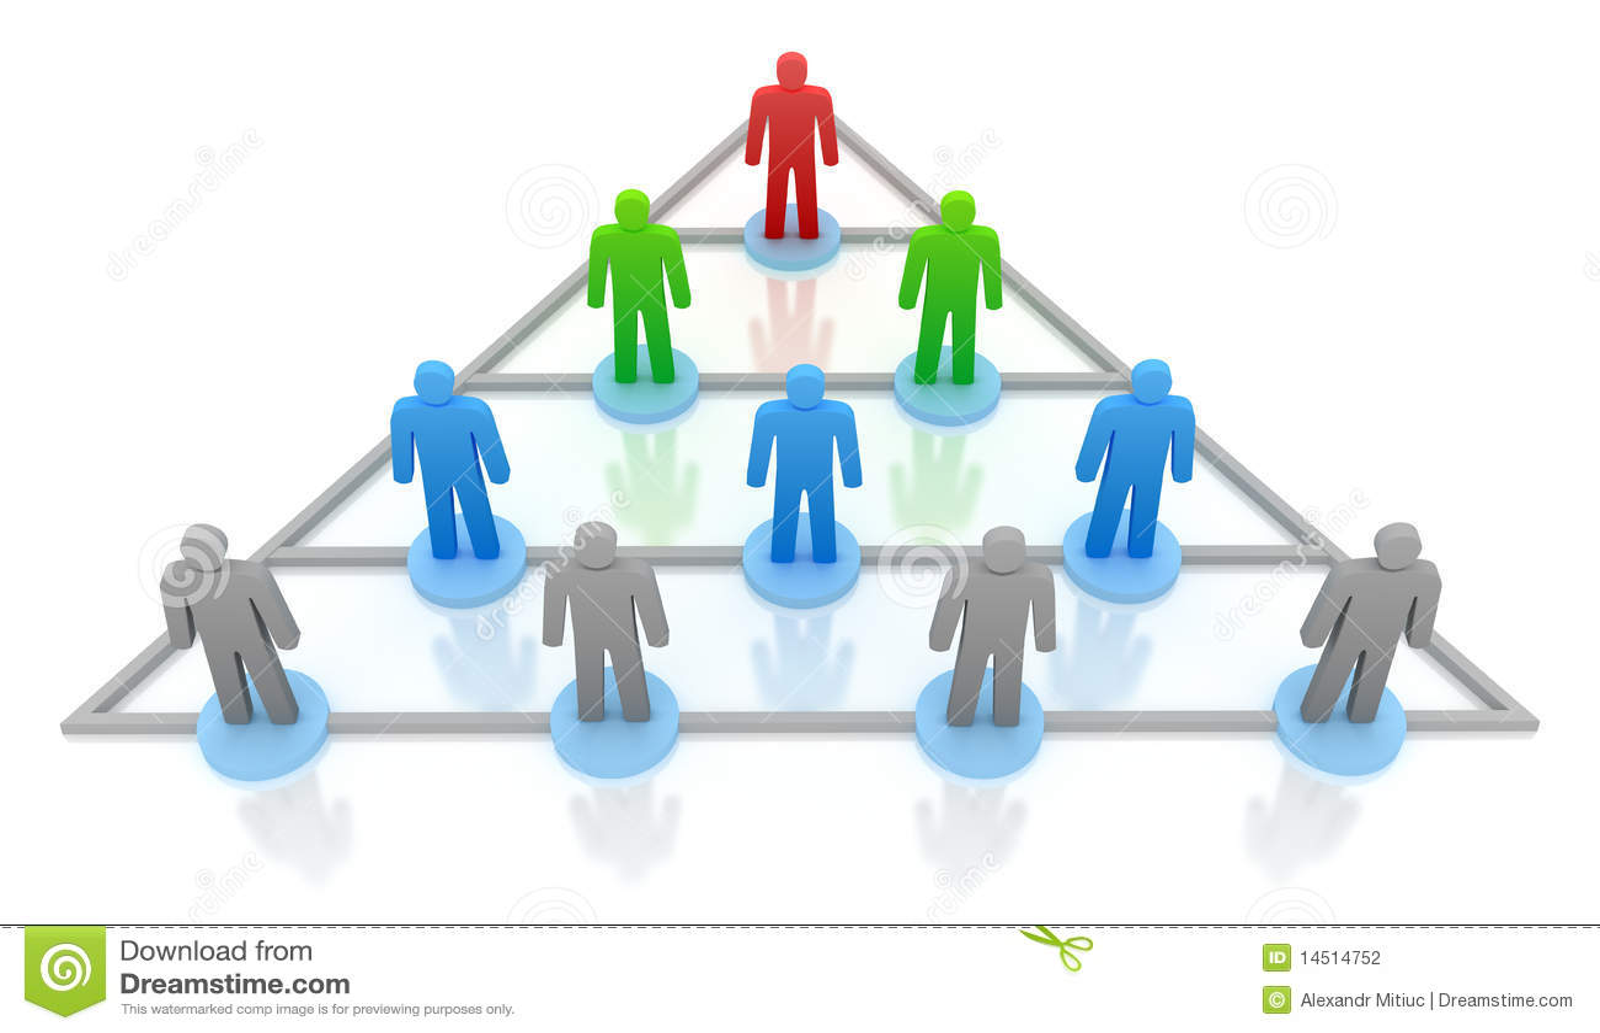 De hiërarchie van de piramide. Bedrijfs concept